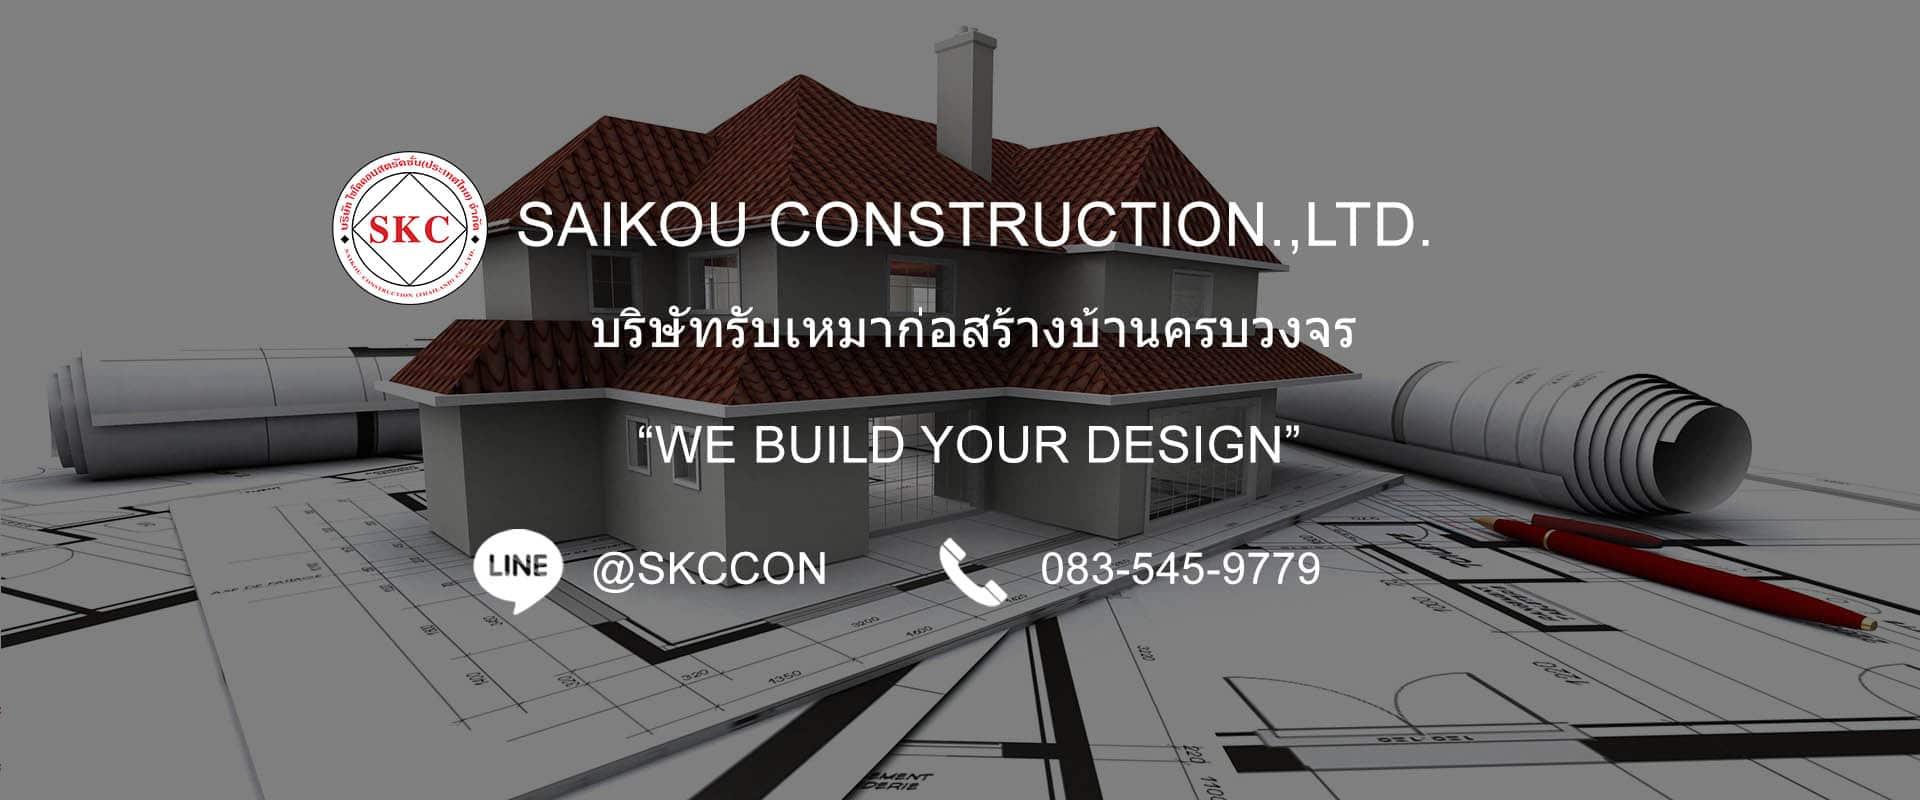 บริษัทรับเหมาก่อสร้างบ้านครบวงจร